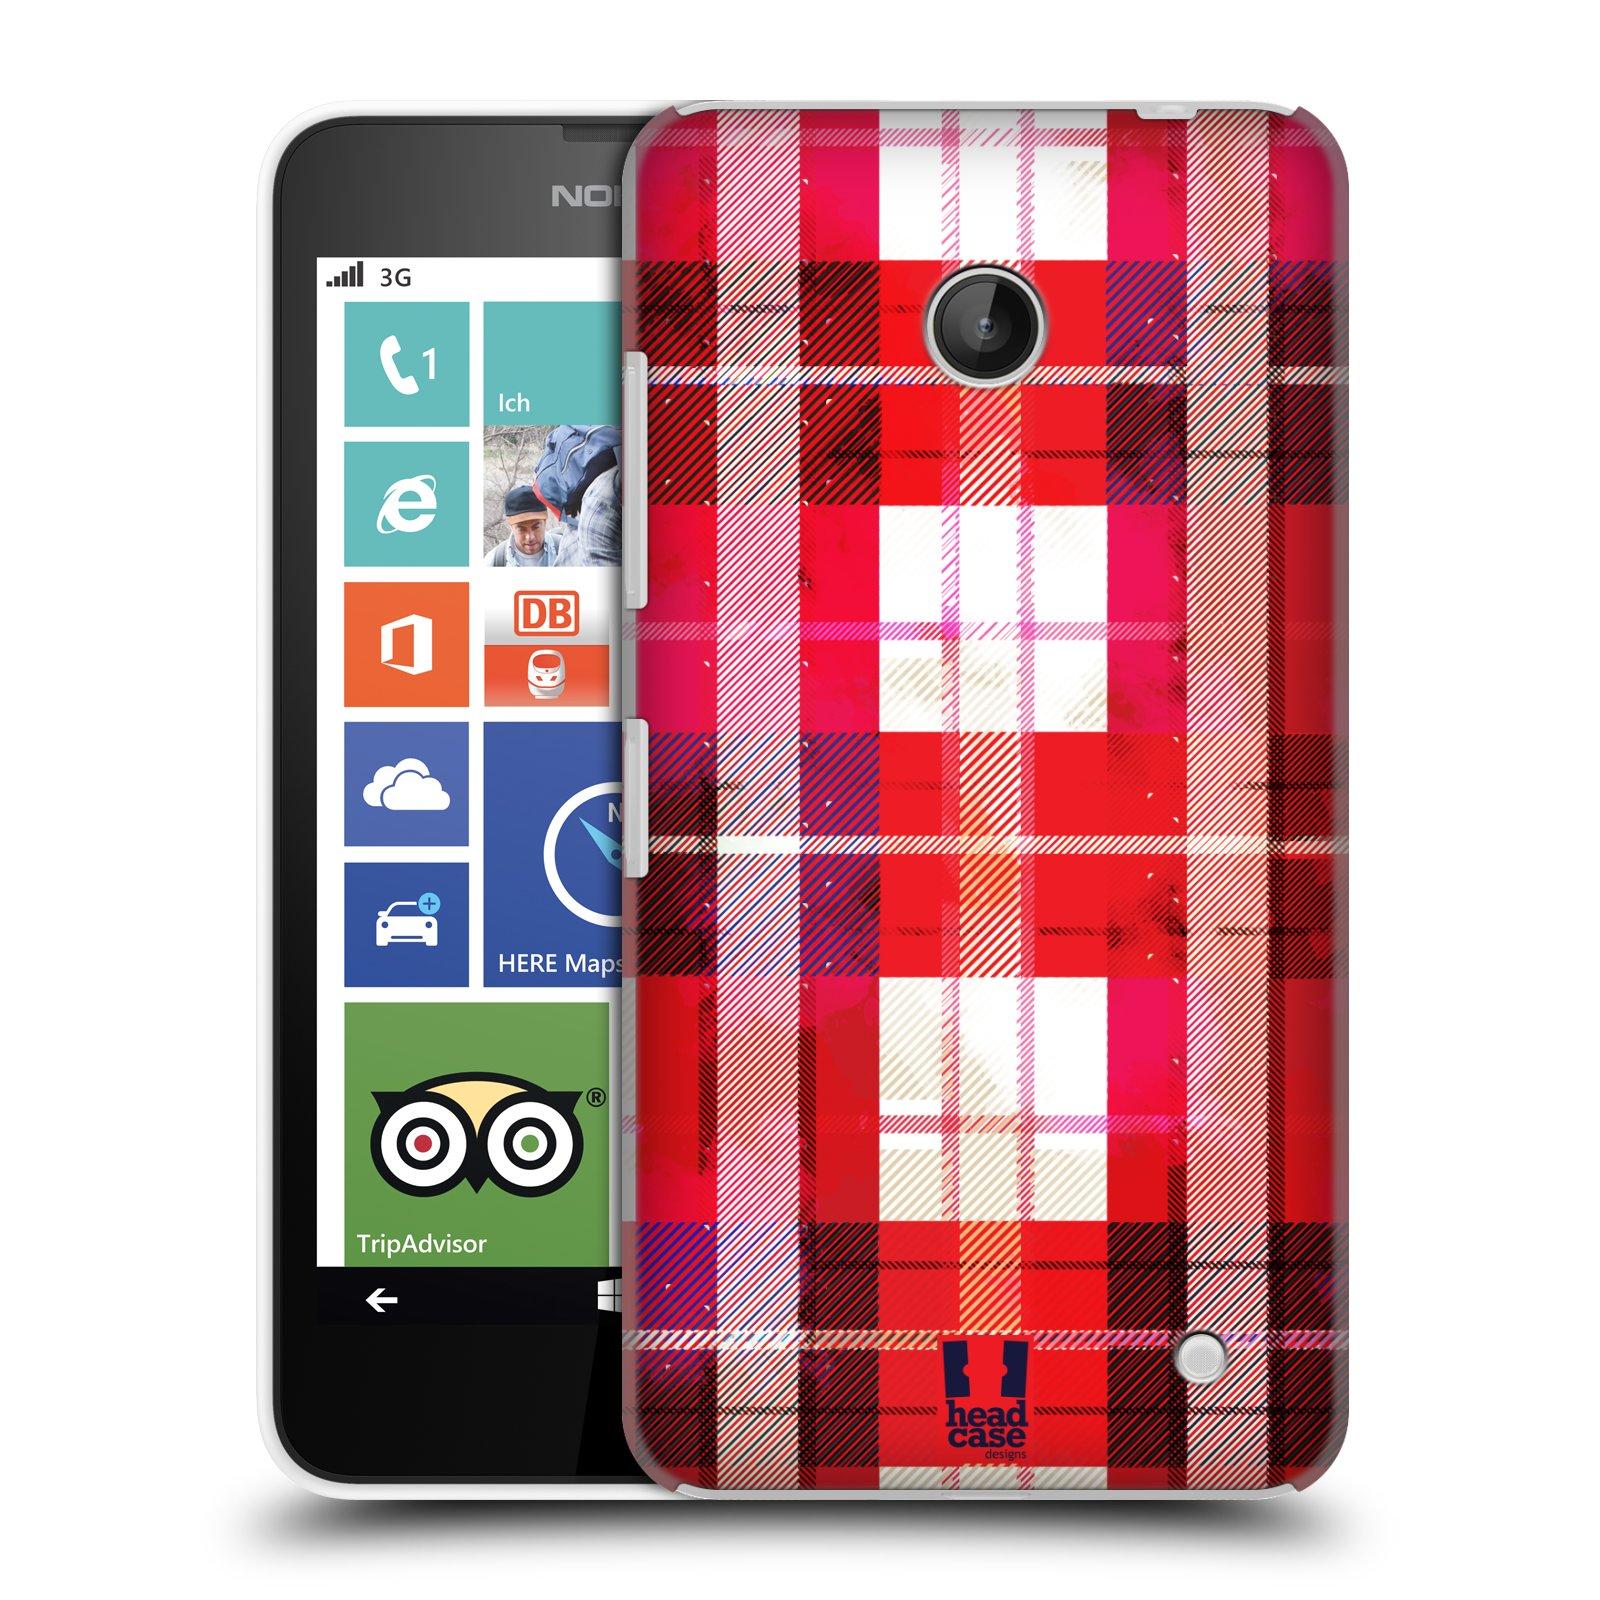 Plastové pouzdro na mobil Nokia Lumia 630 HEAD CASE FLANEL RED (Kryt či obal na mobilní telefon Nokia Lumia 630 a Nokia Lumia 630 Dual SIM)